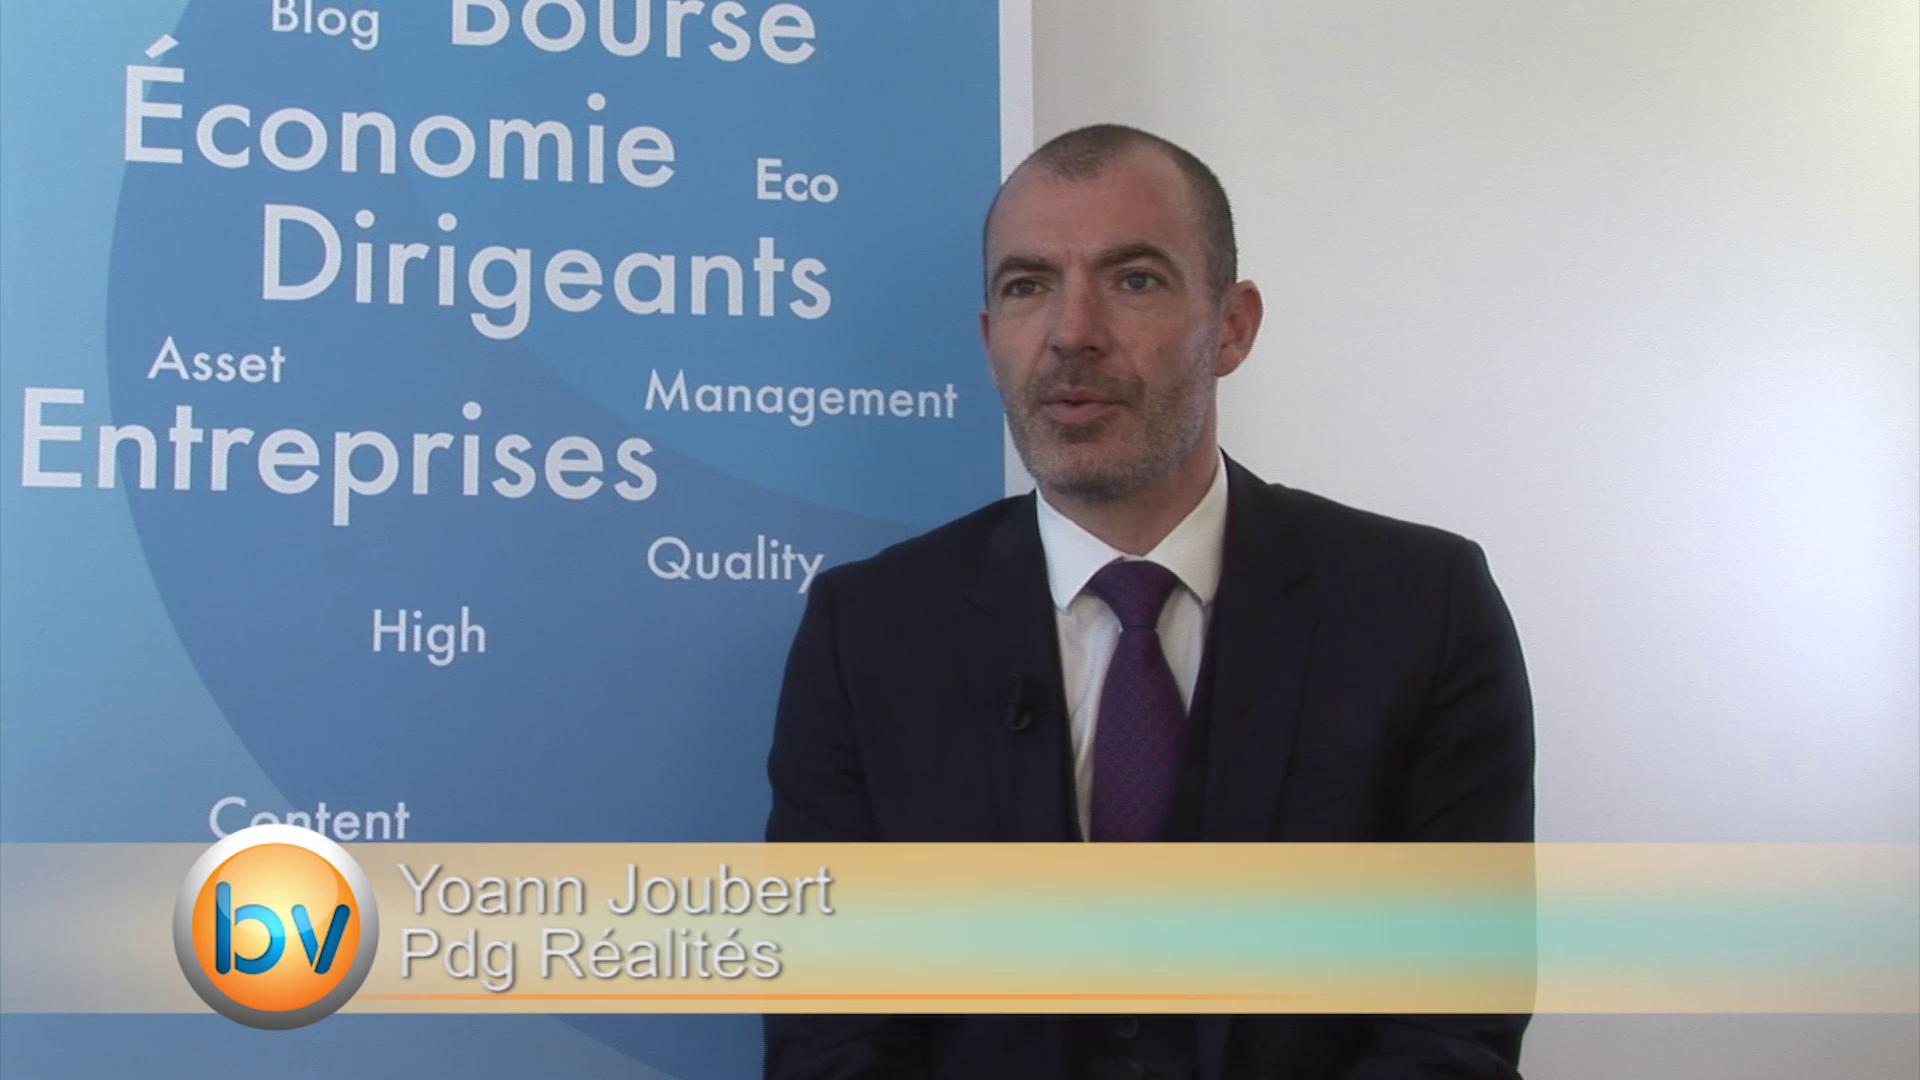 Yoann Joubert Pdg Réalités : «Trouver un modèle de croissance qui crée de la valeur pour nos actionnaires»